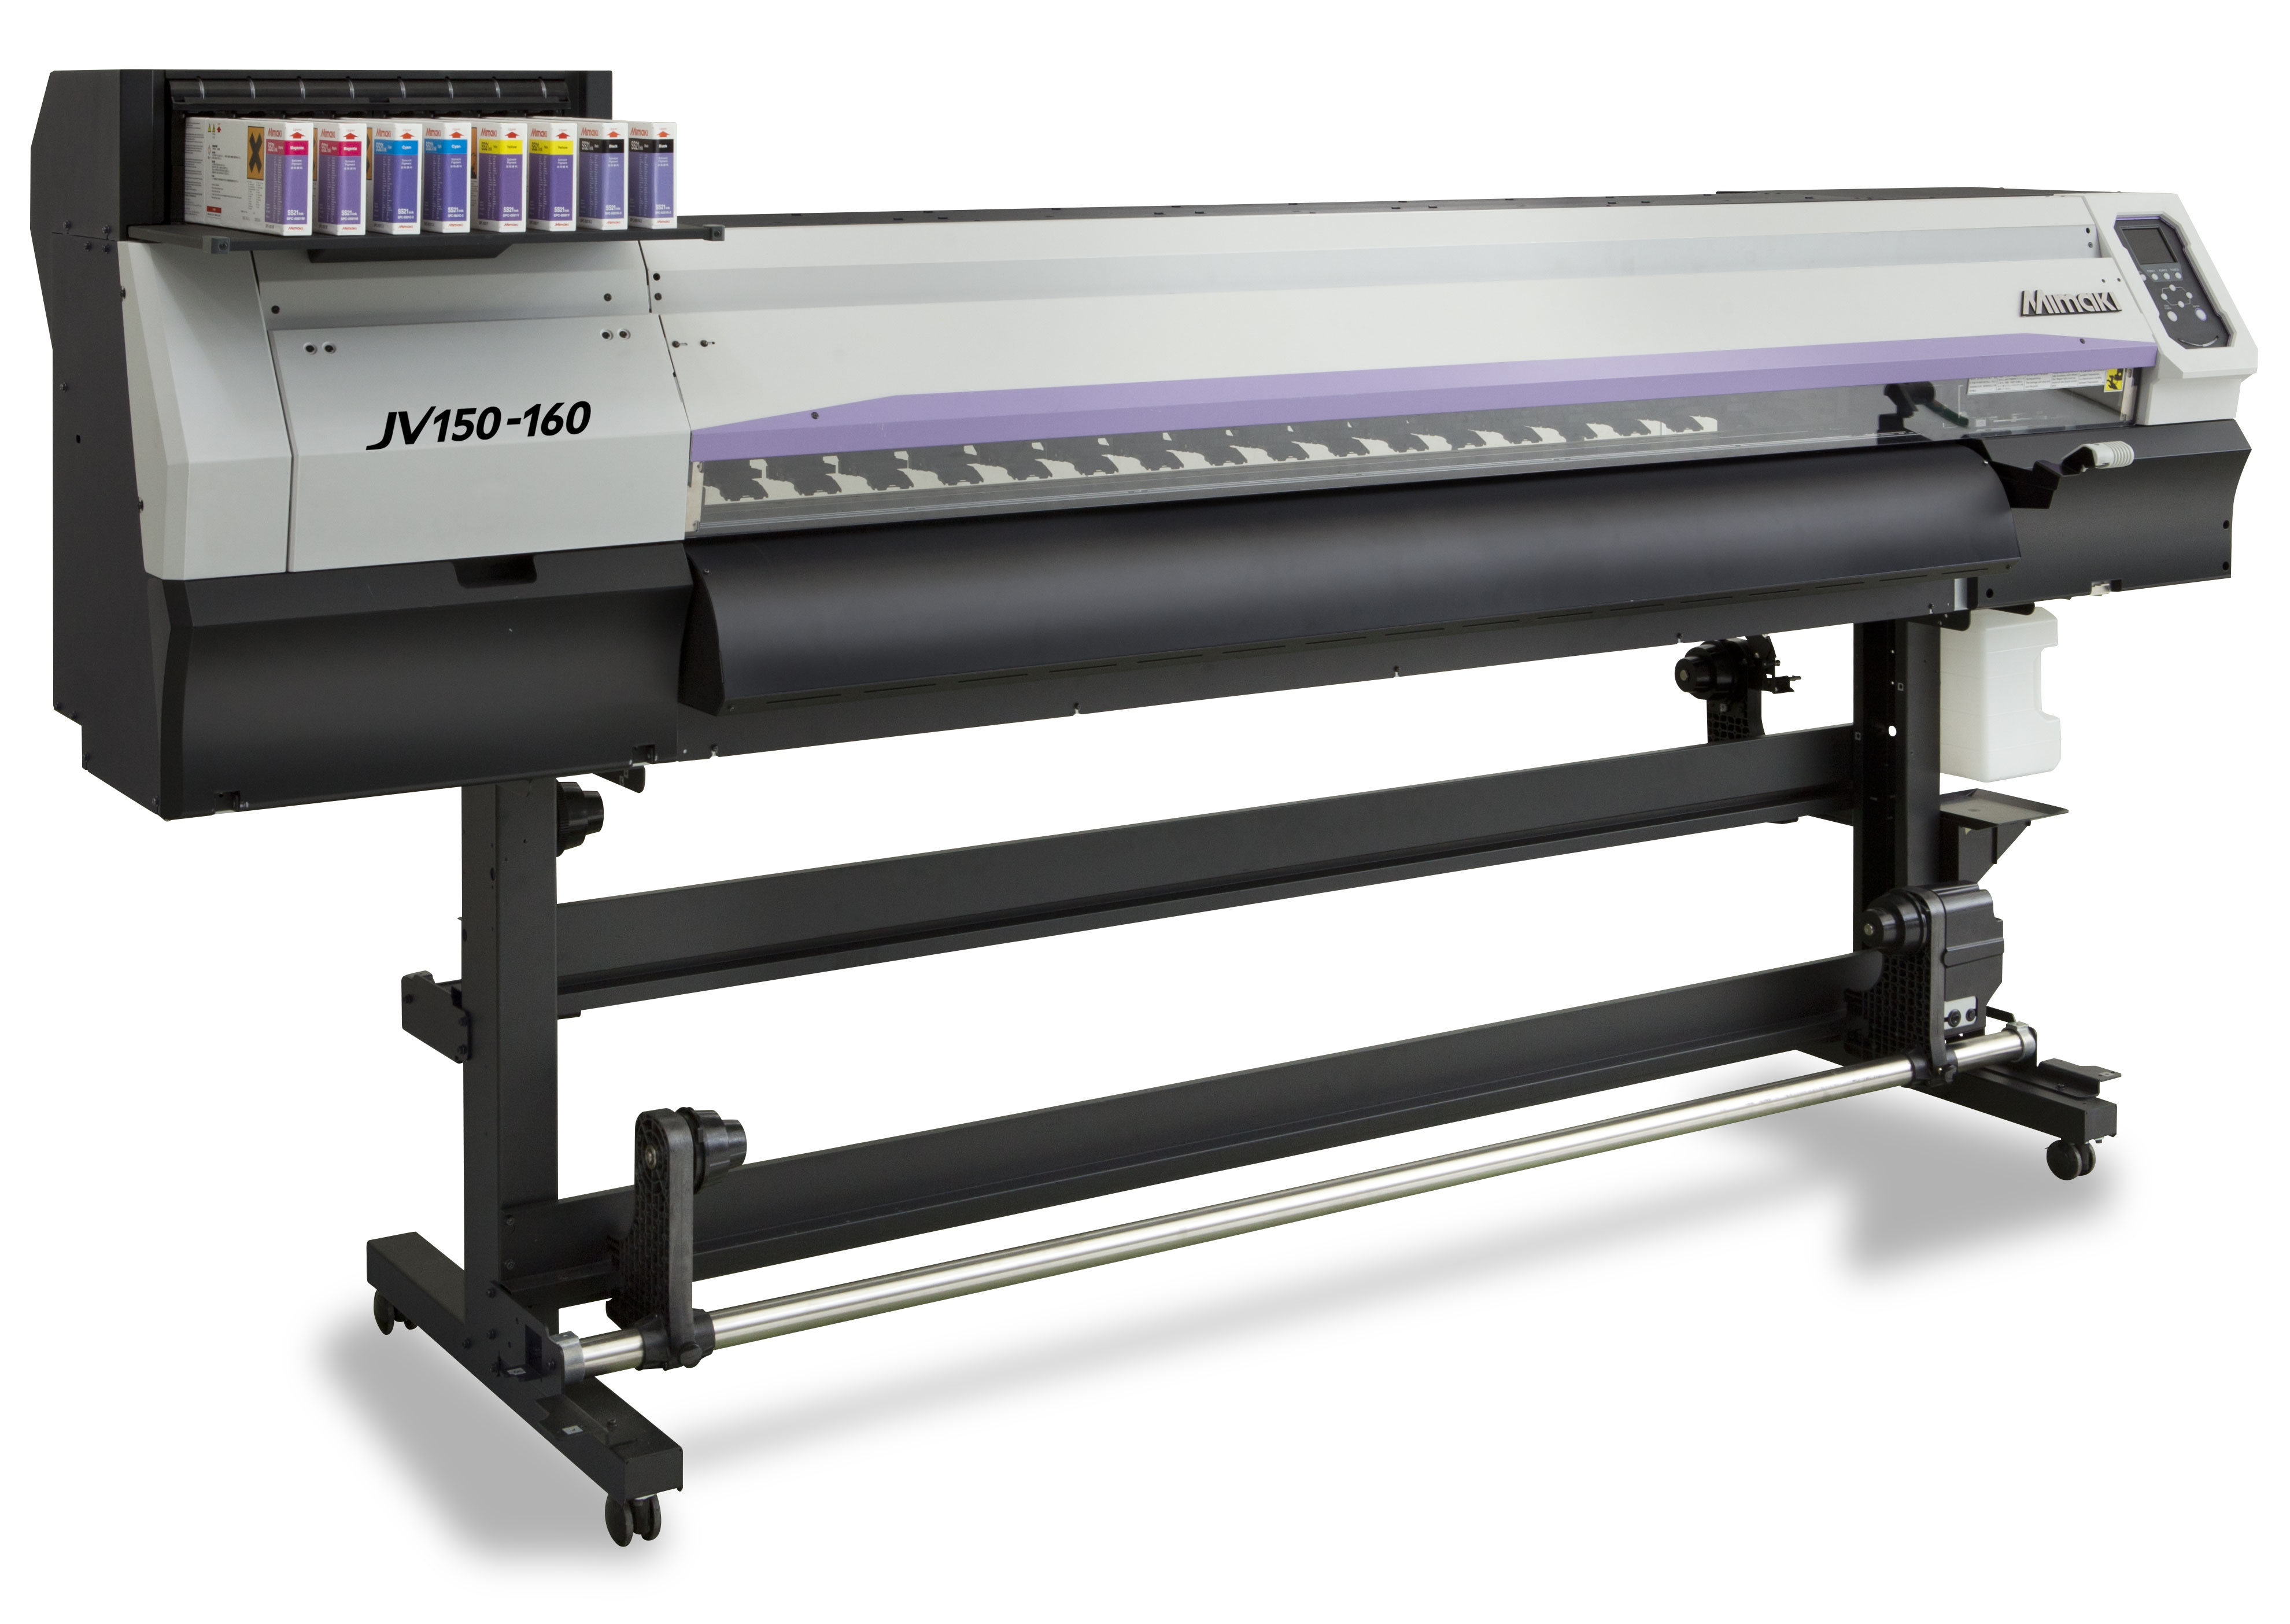 Vysoko výkonná veľkoplošná solventná tlačiareň Mimaki JV150 pre profesionálne využitie